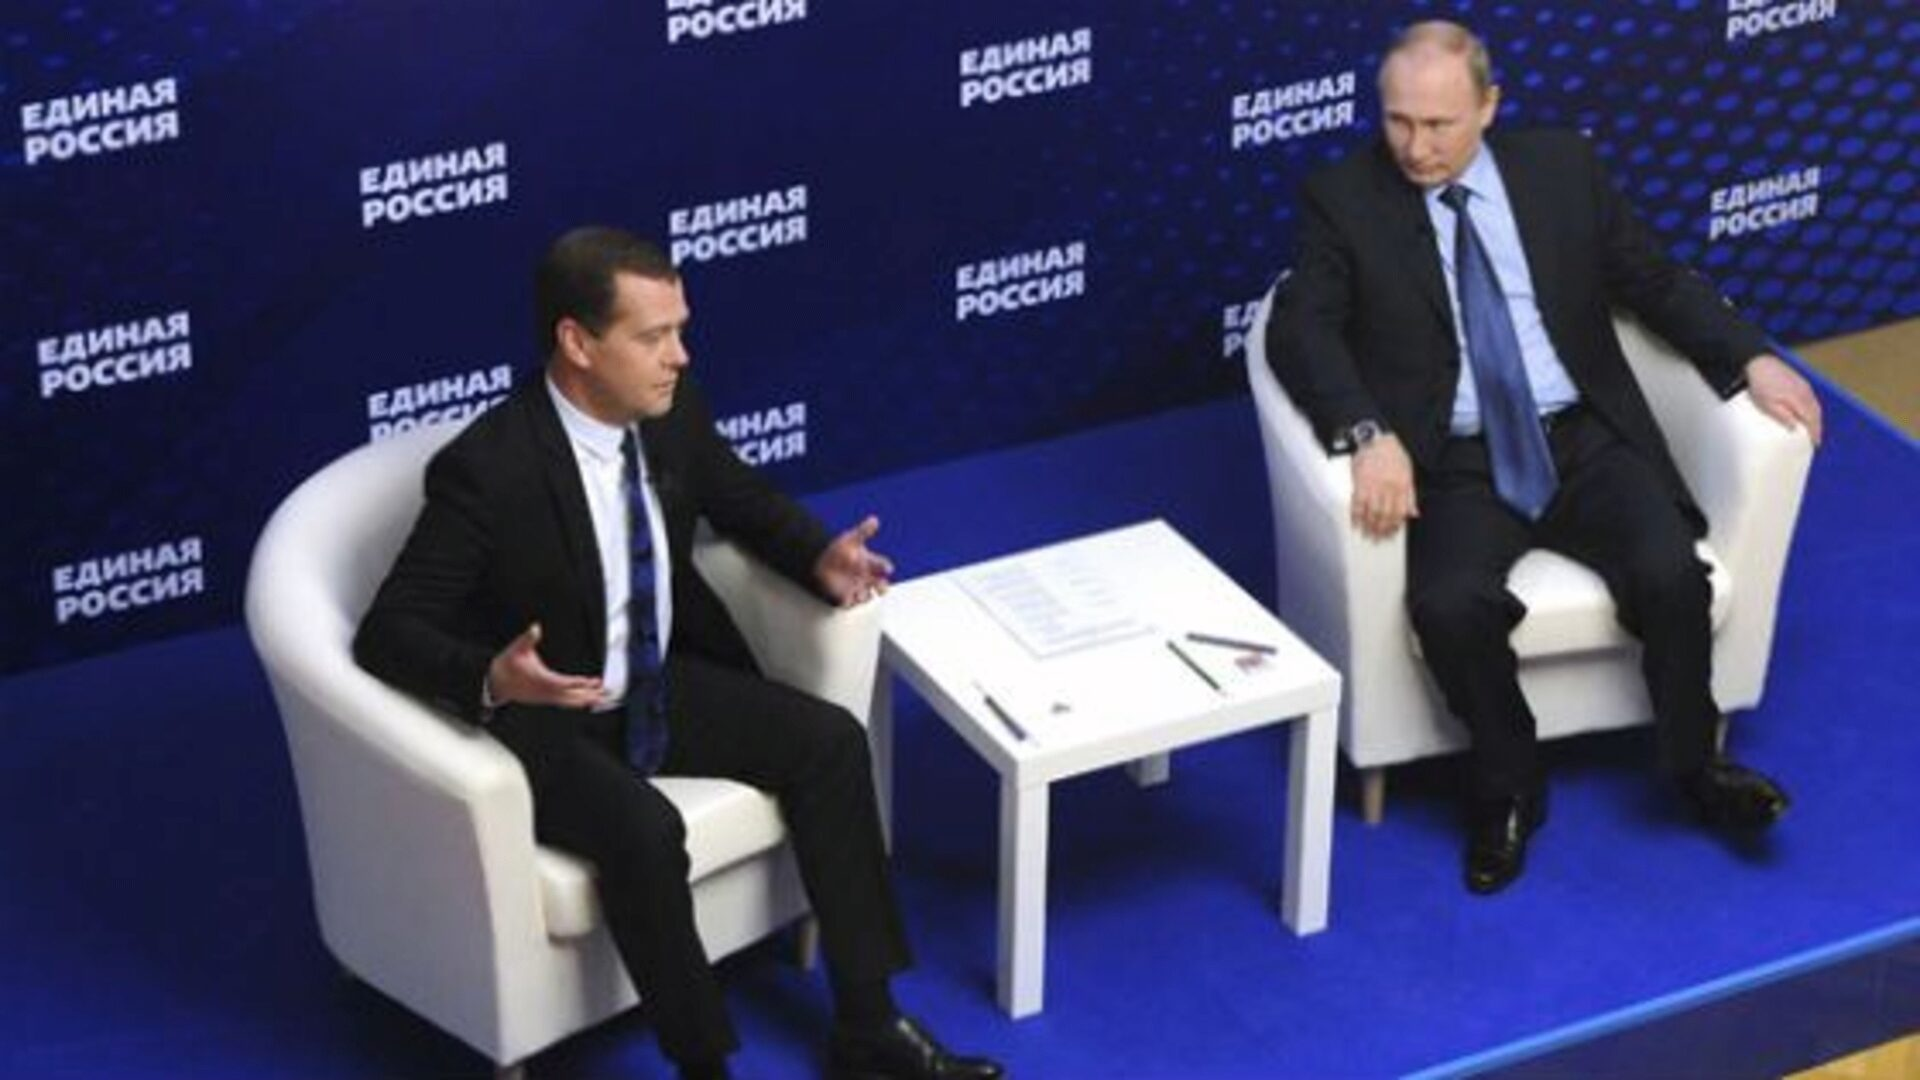 Владимир Путин и Дмитрий Медведев - единороссы